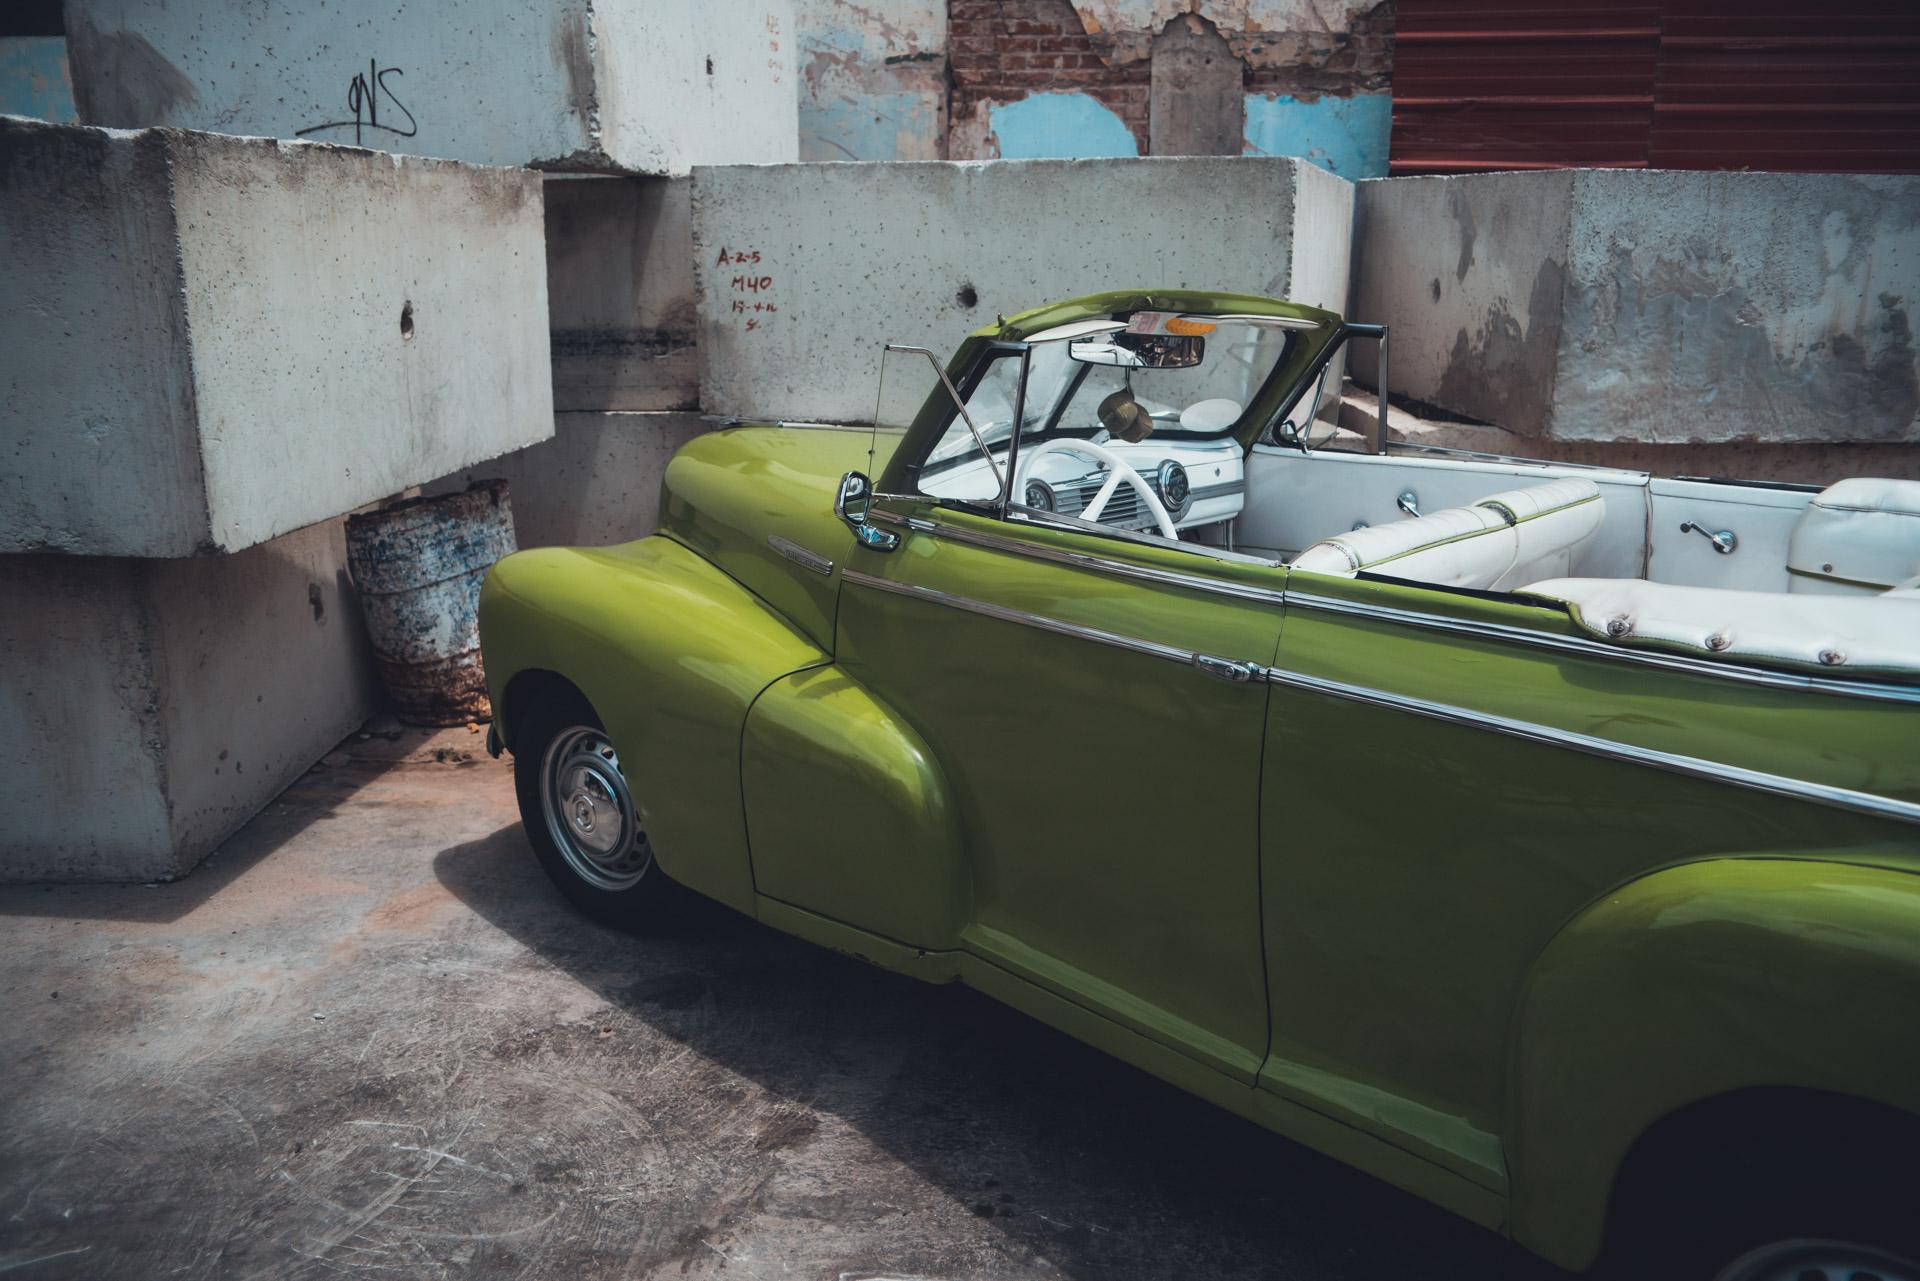 Cuba_StijnHoekstra-5.jpg